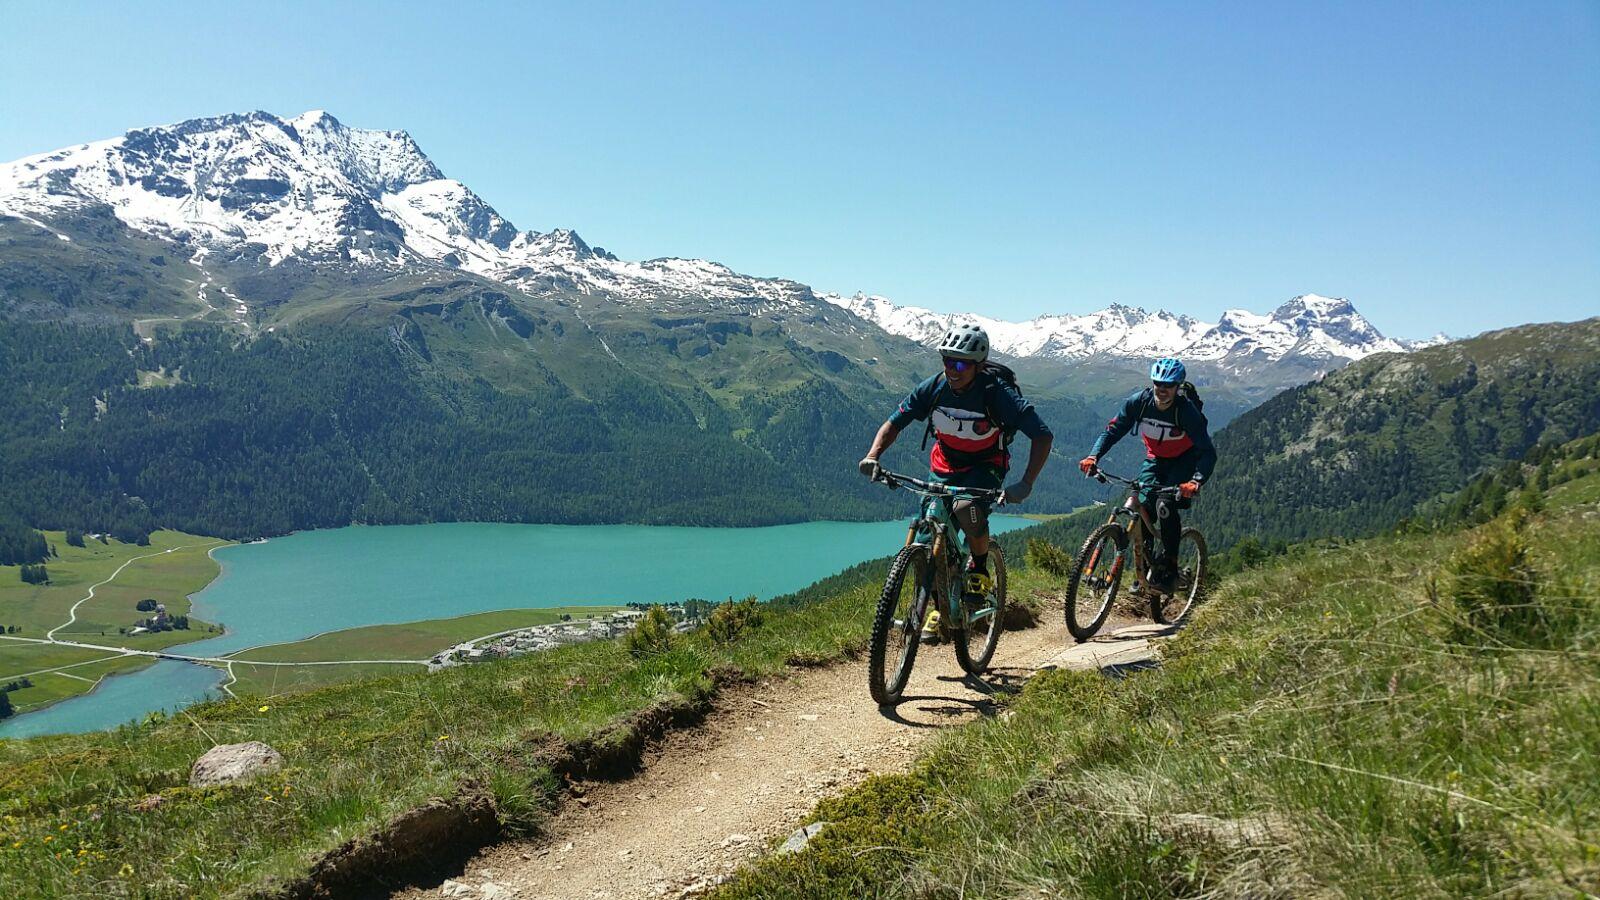 Die Trail Games richten sich vor allem an Biker, die Sinn für Geselligkeit und Spass unter Gleichgesinnten haben.